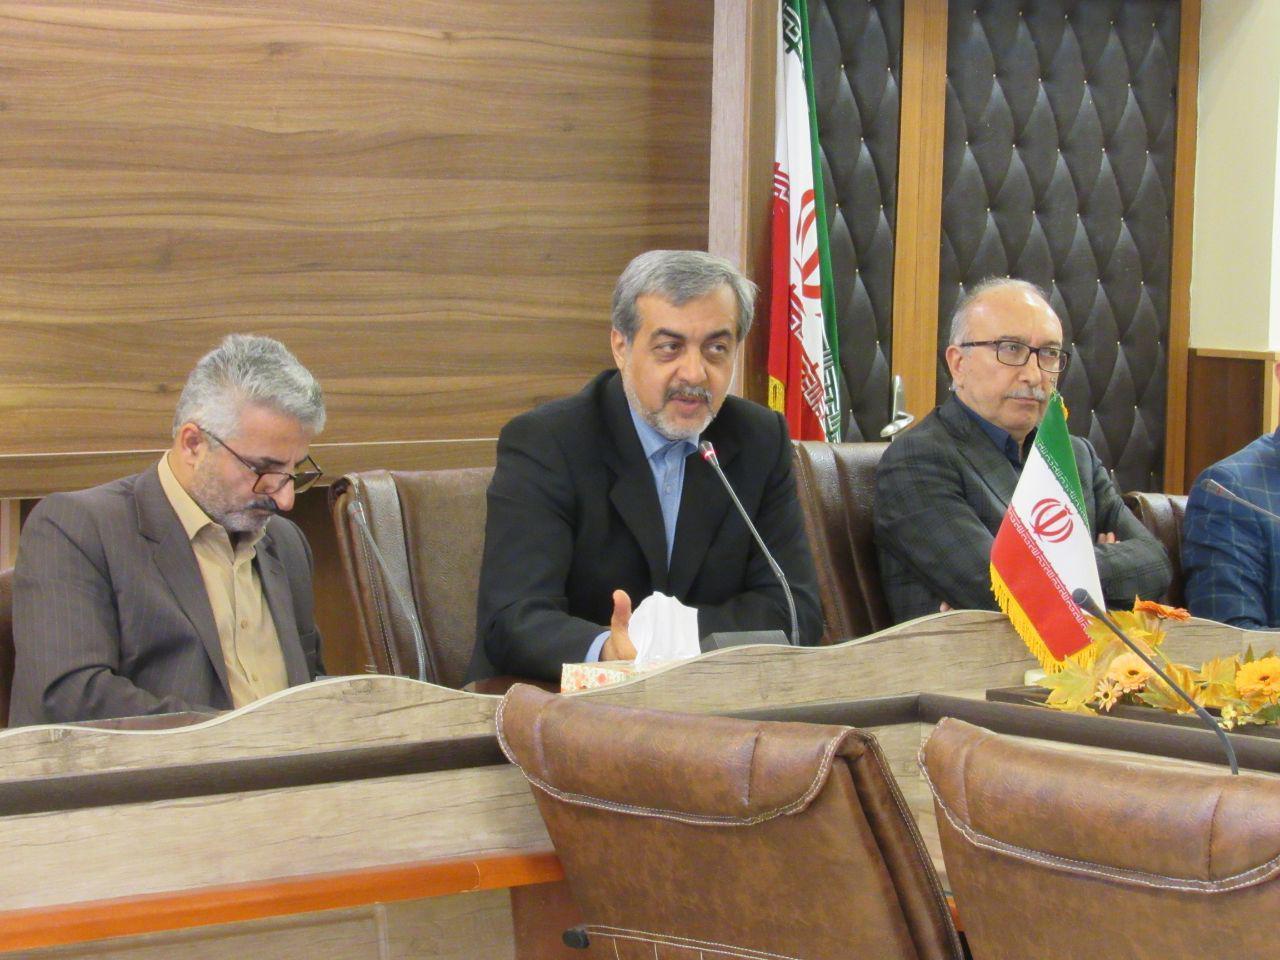 حضور مدیران کل اداره تعاون و راهداری و راه و شهرسازی در لاهیجان